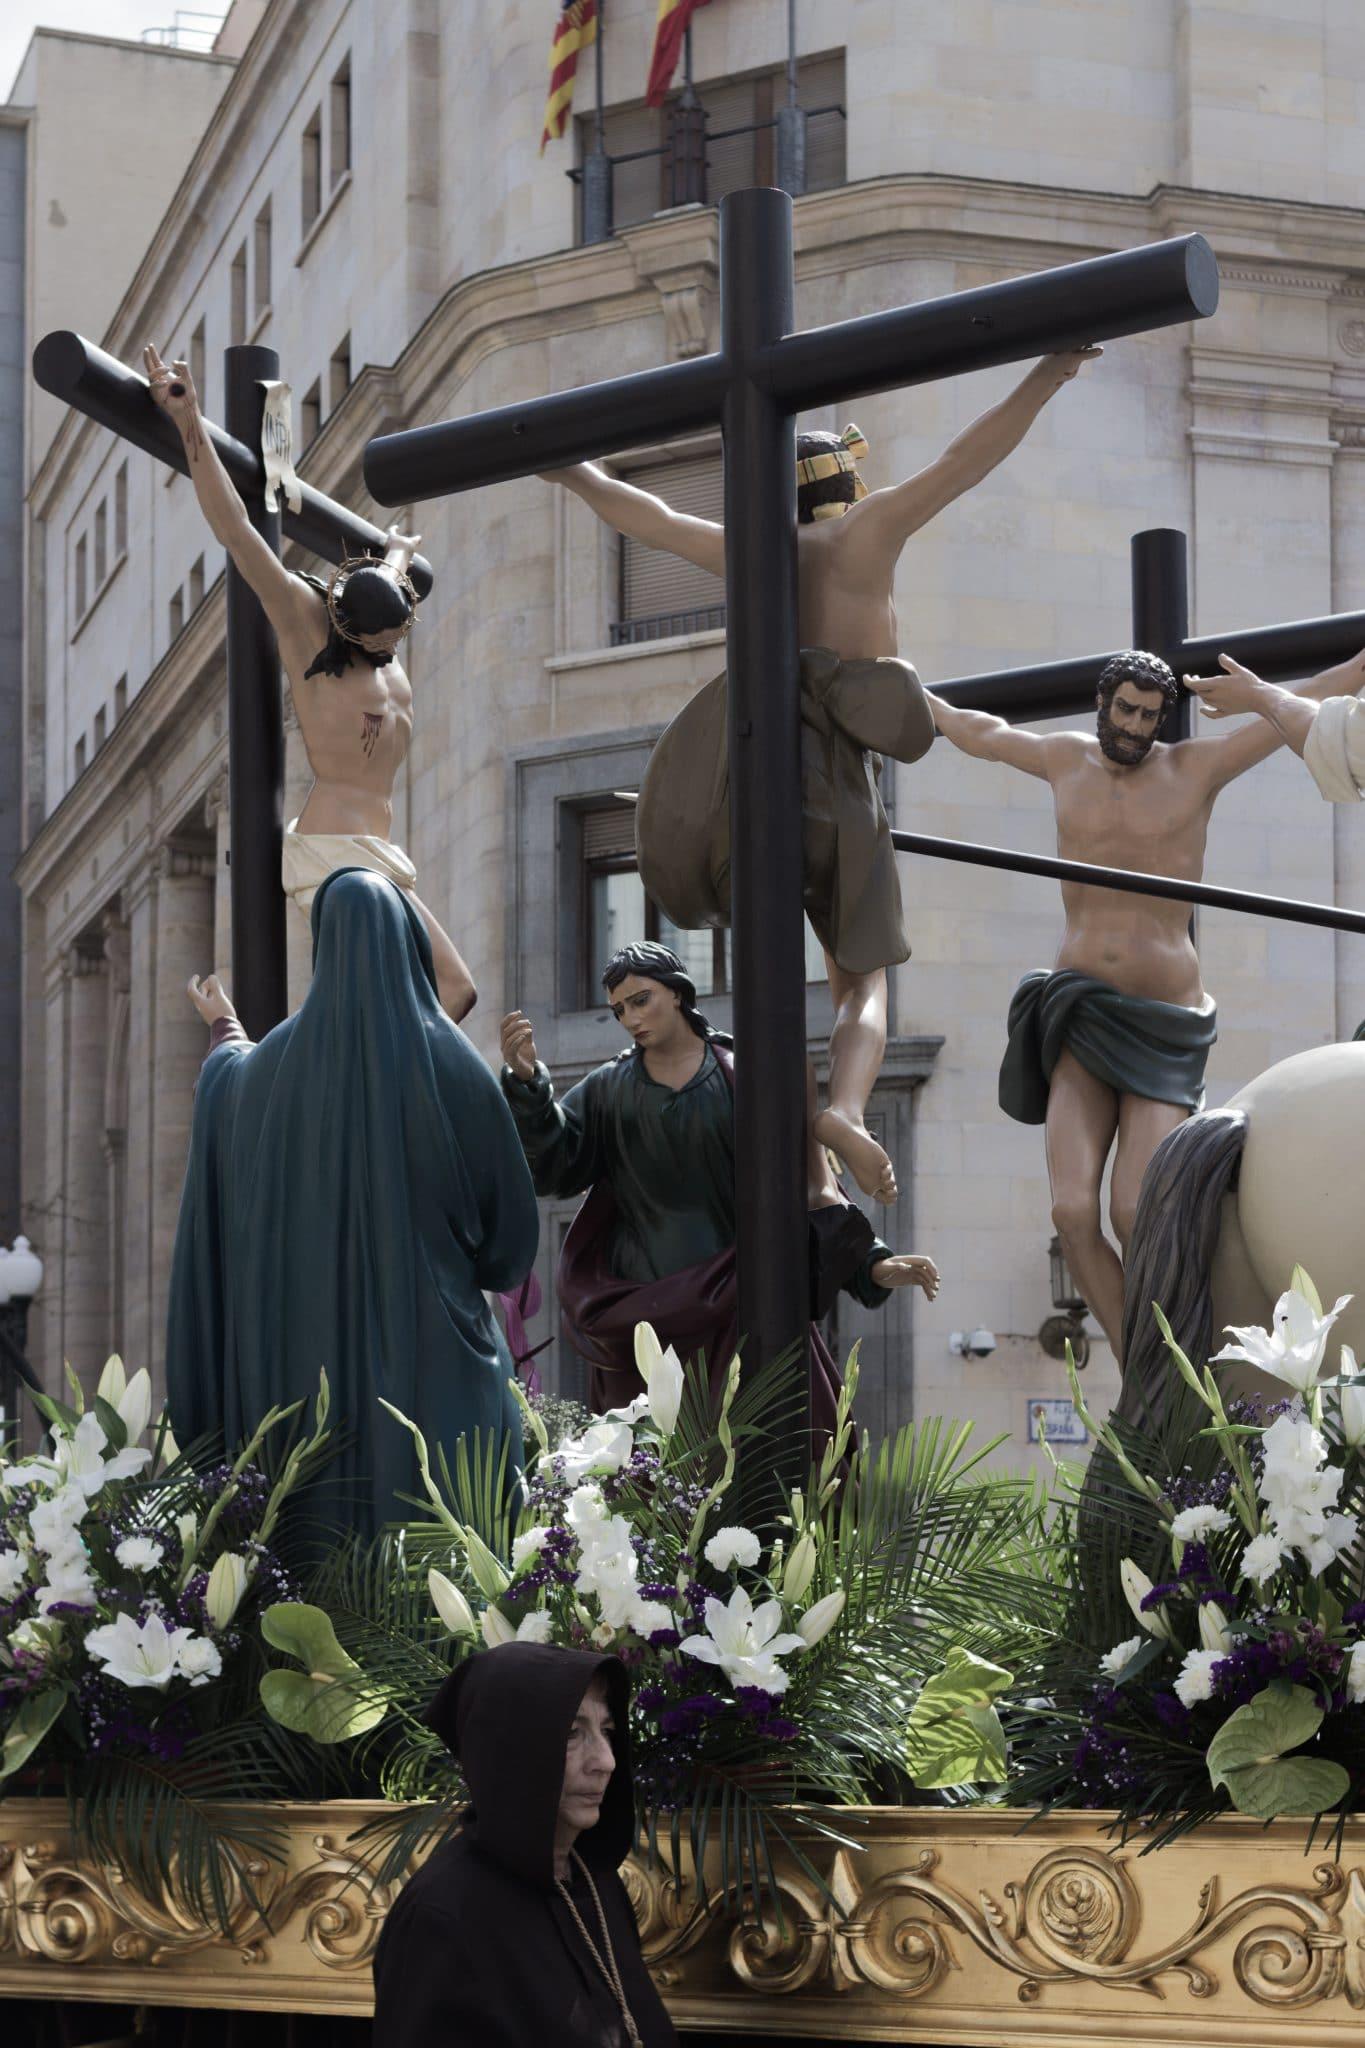 procesión titular crucifixión,semana santa en zaragoza,semana santa de zaragoza